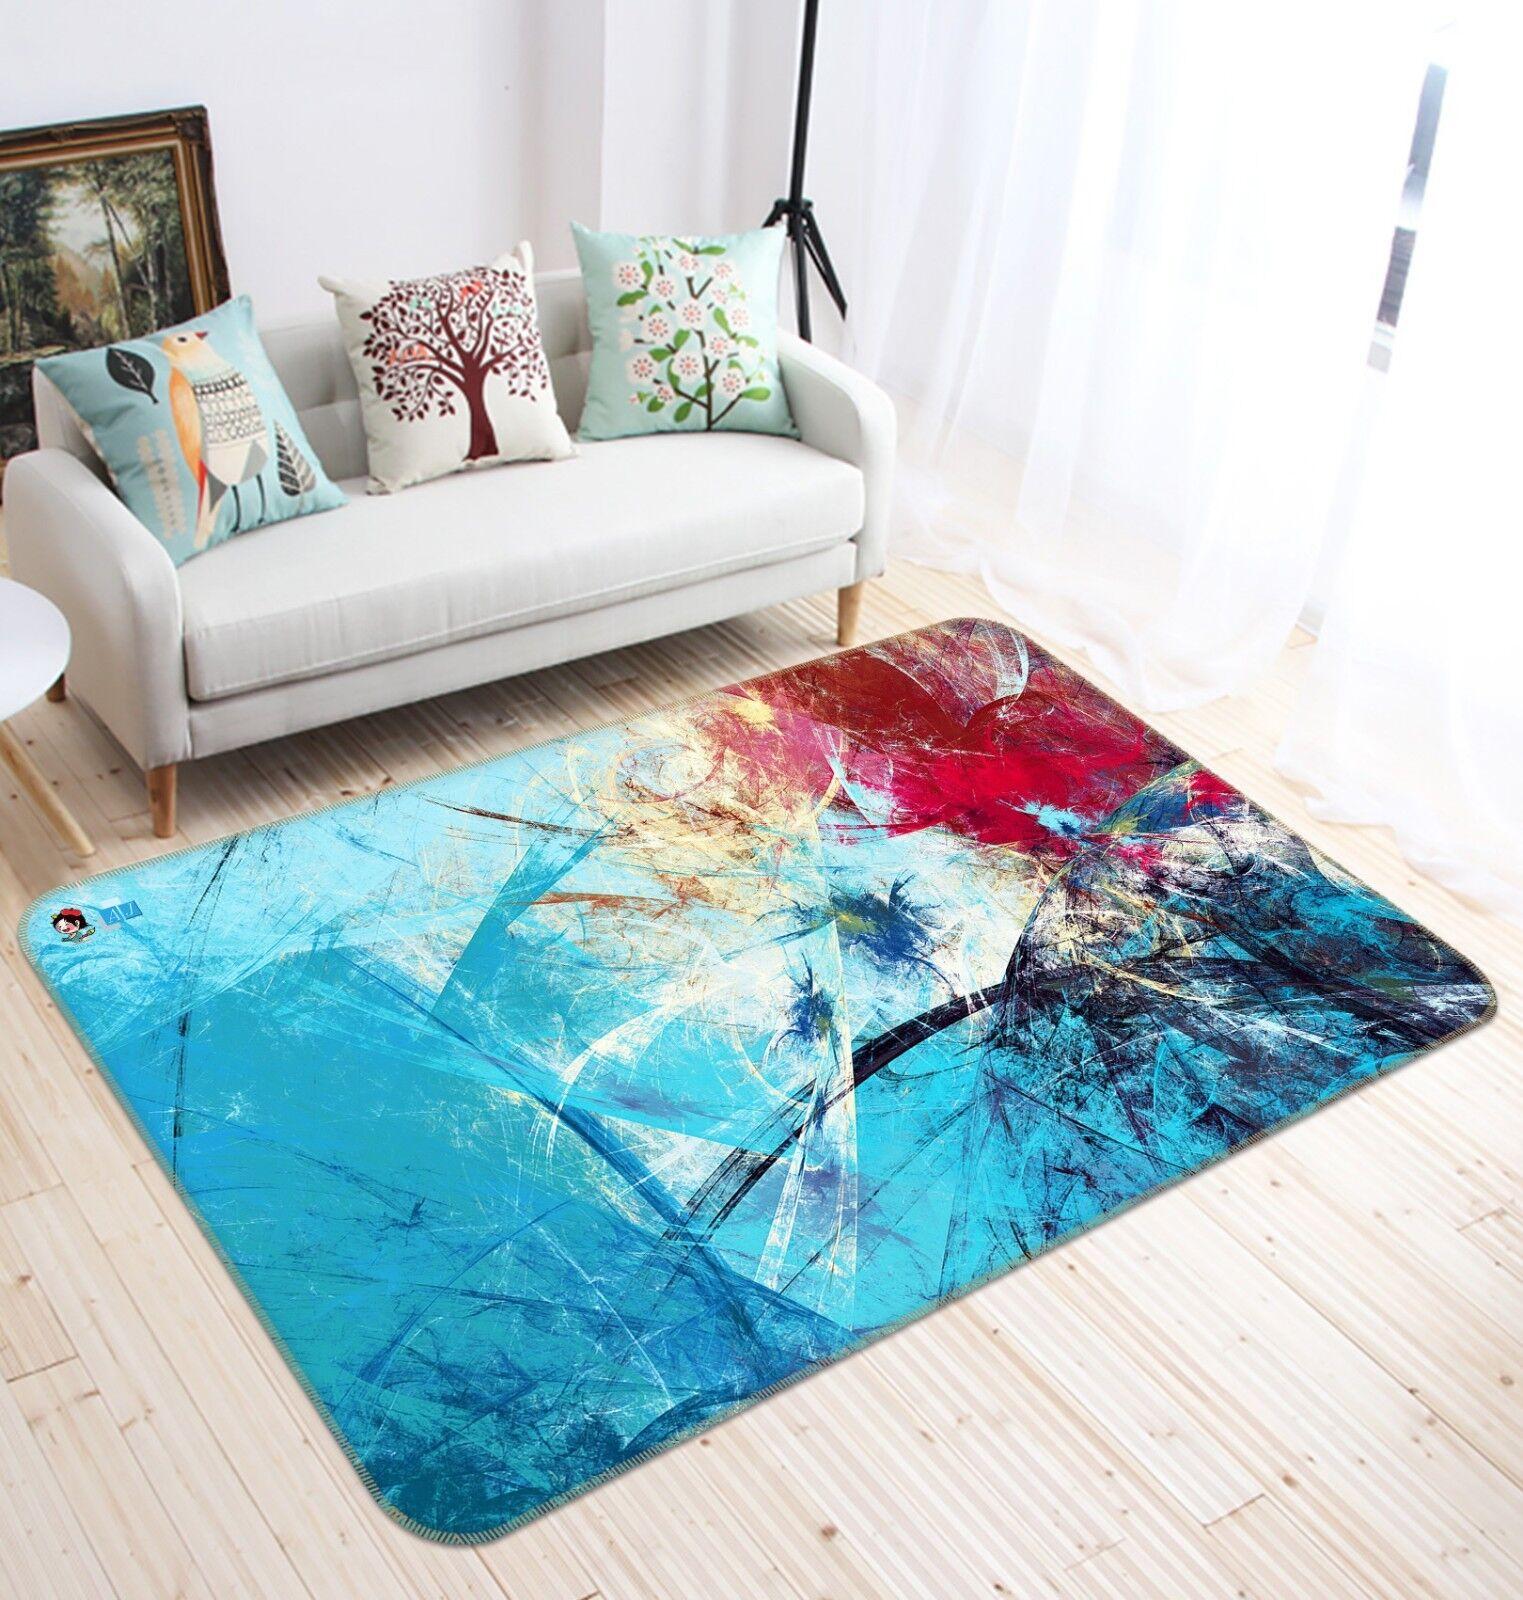 3D Original Design 4 Non Slip Rug Mat Room Mat Quality Elegant Photo Carpet AU